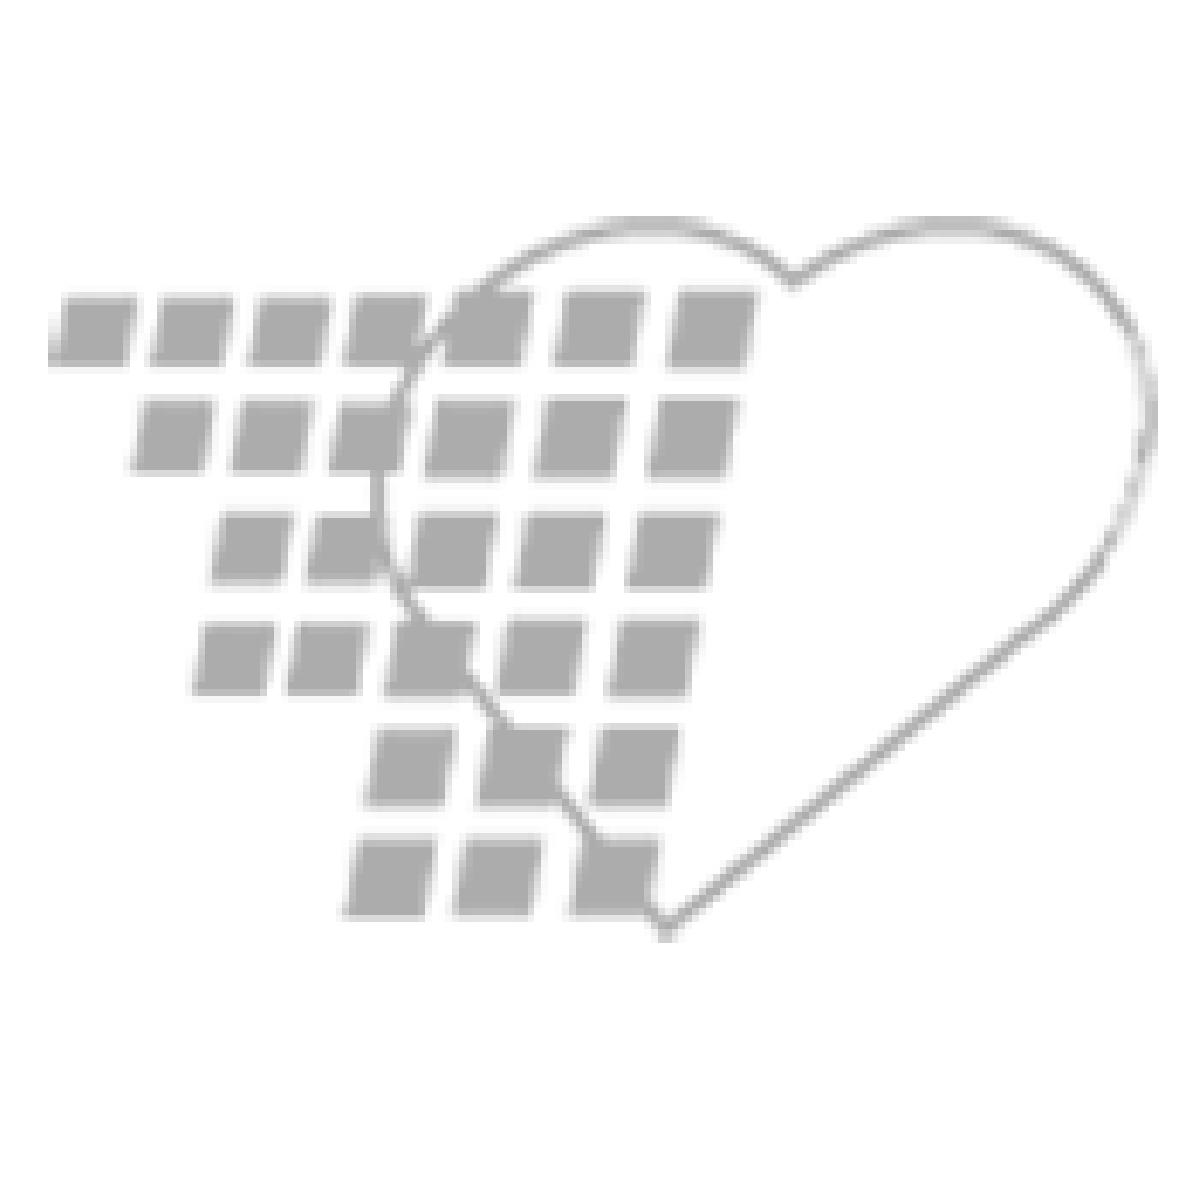 06-93-1359 Demo Dose® Ora - Swet SF - 473 mL Pint